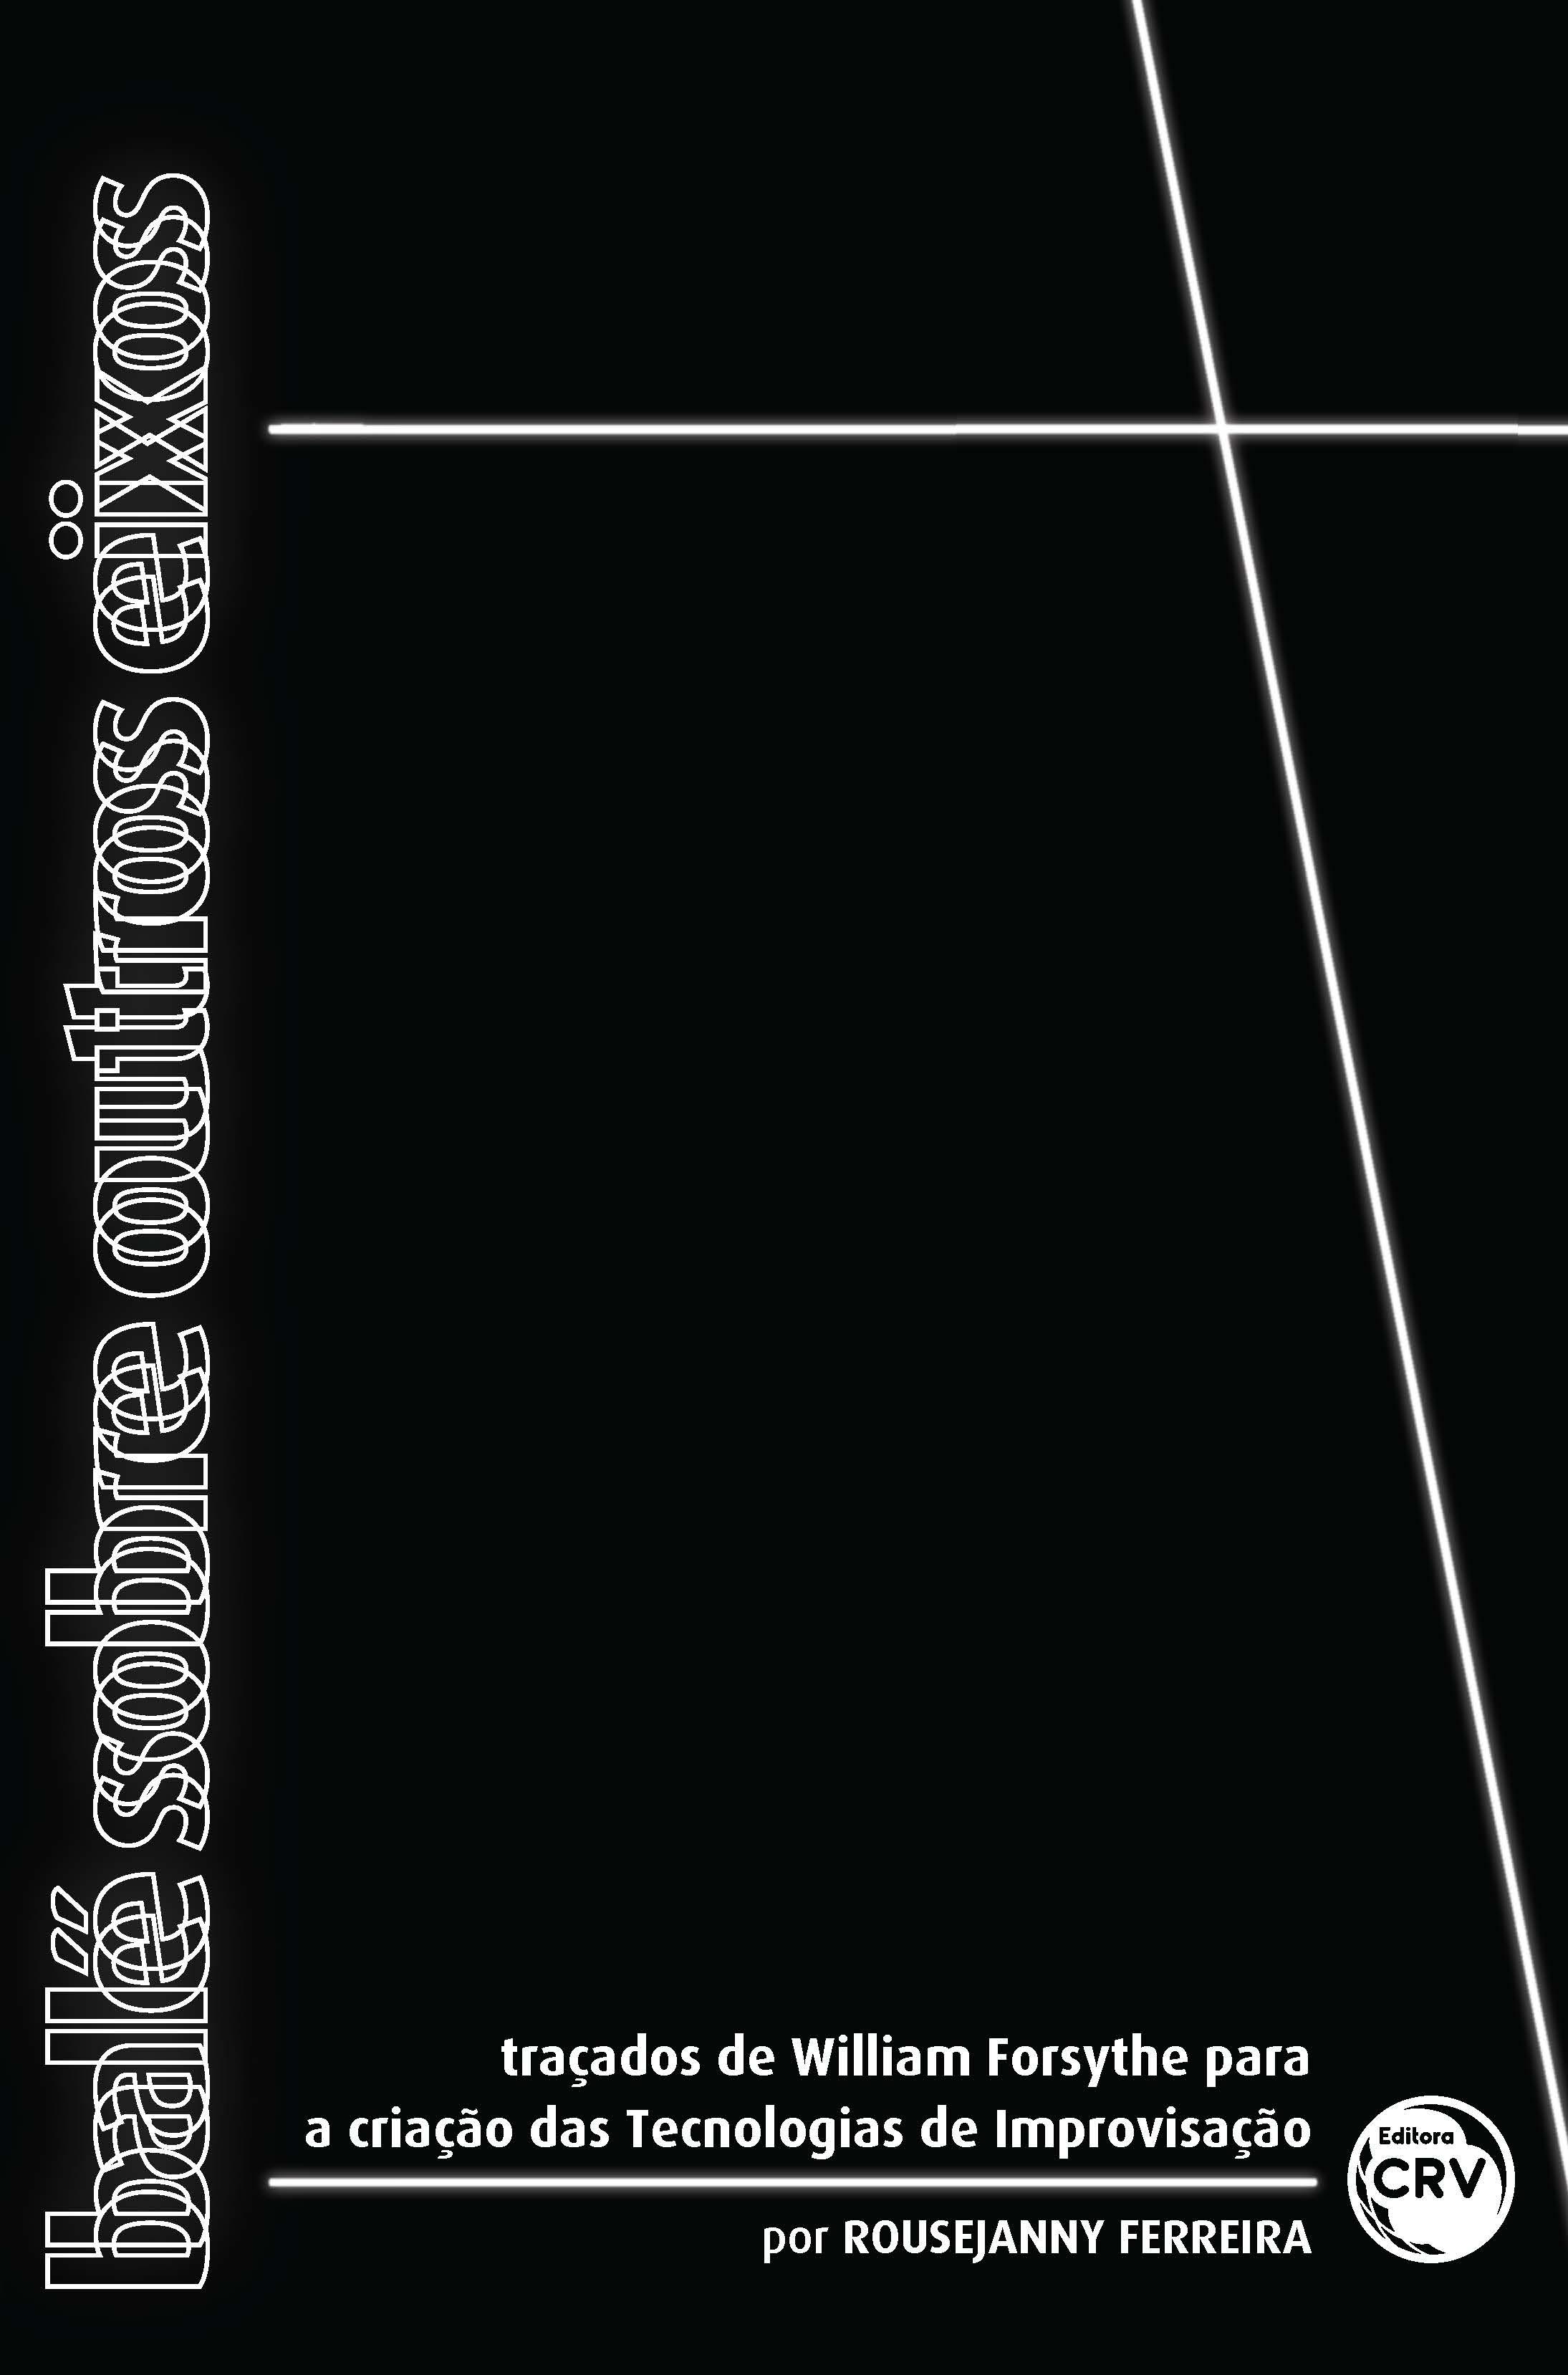 Capa do livro: BALÉ SOBRE OUTROS EIXOS:<br> traçados de William Forsythe para a criação de tecnologias de improvisação.